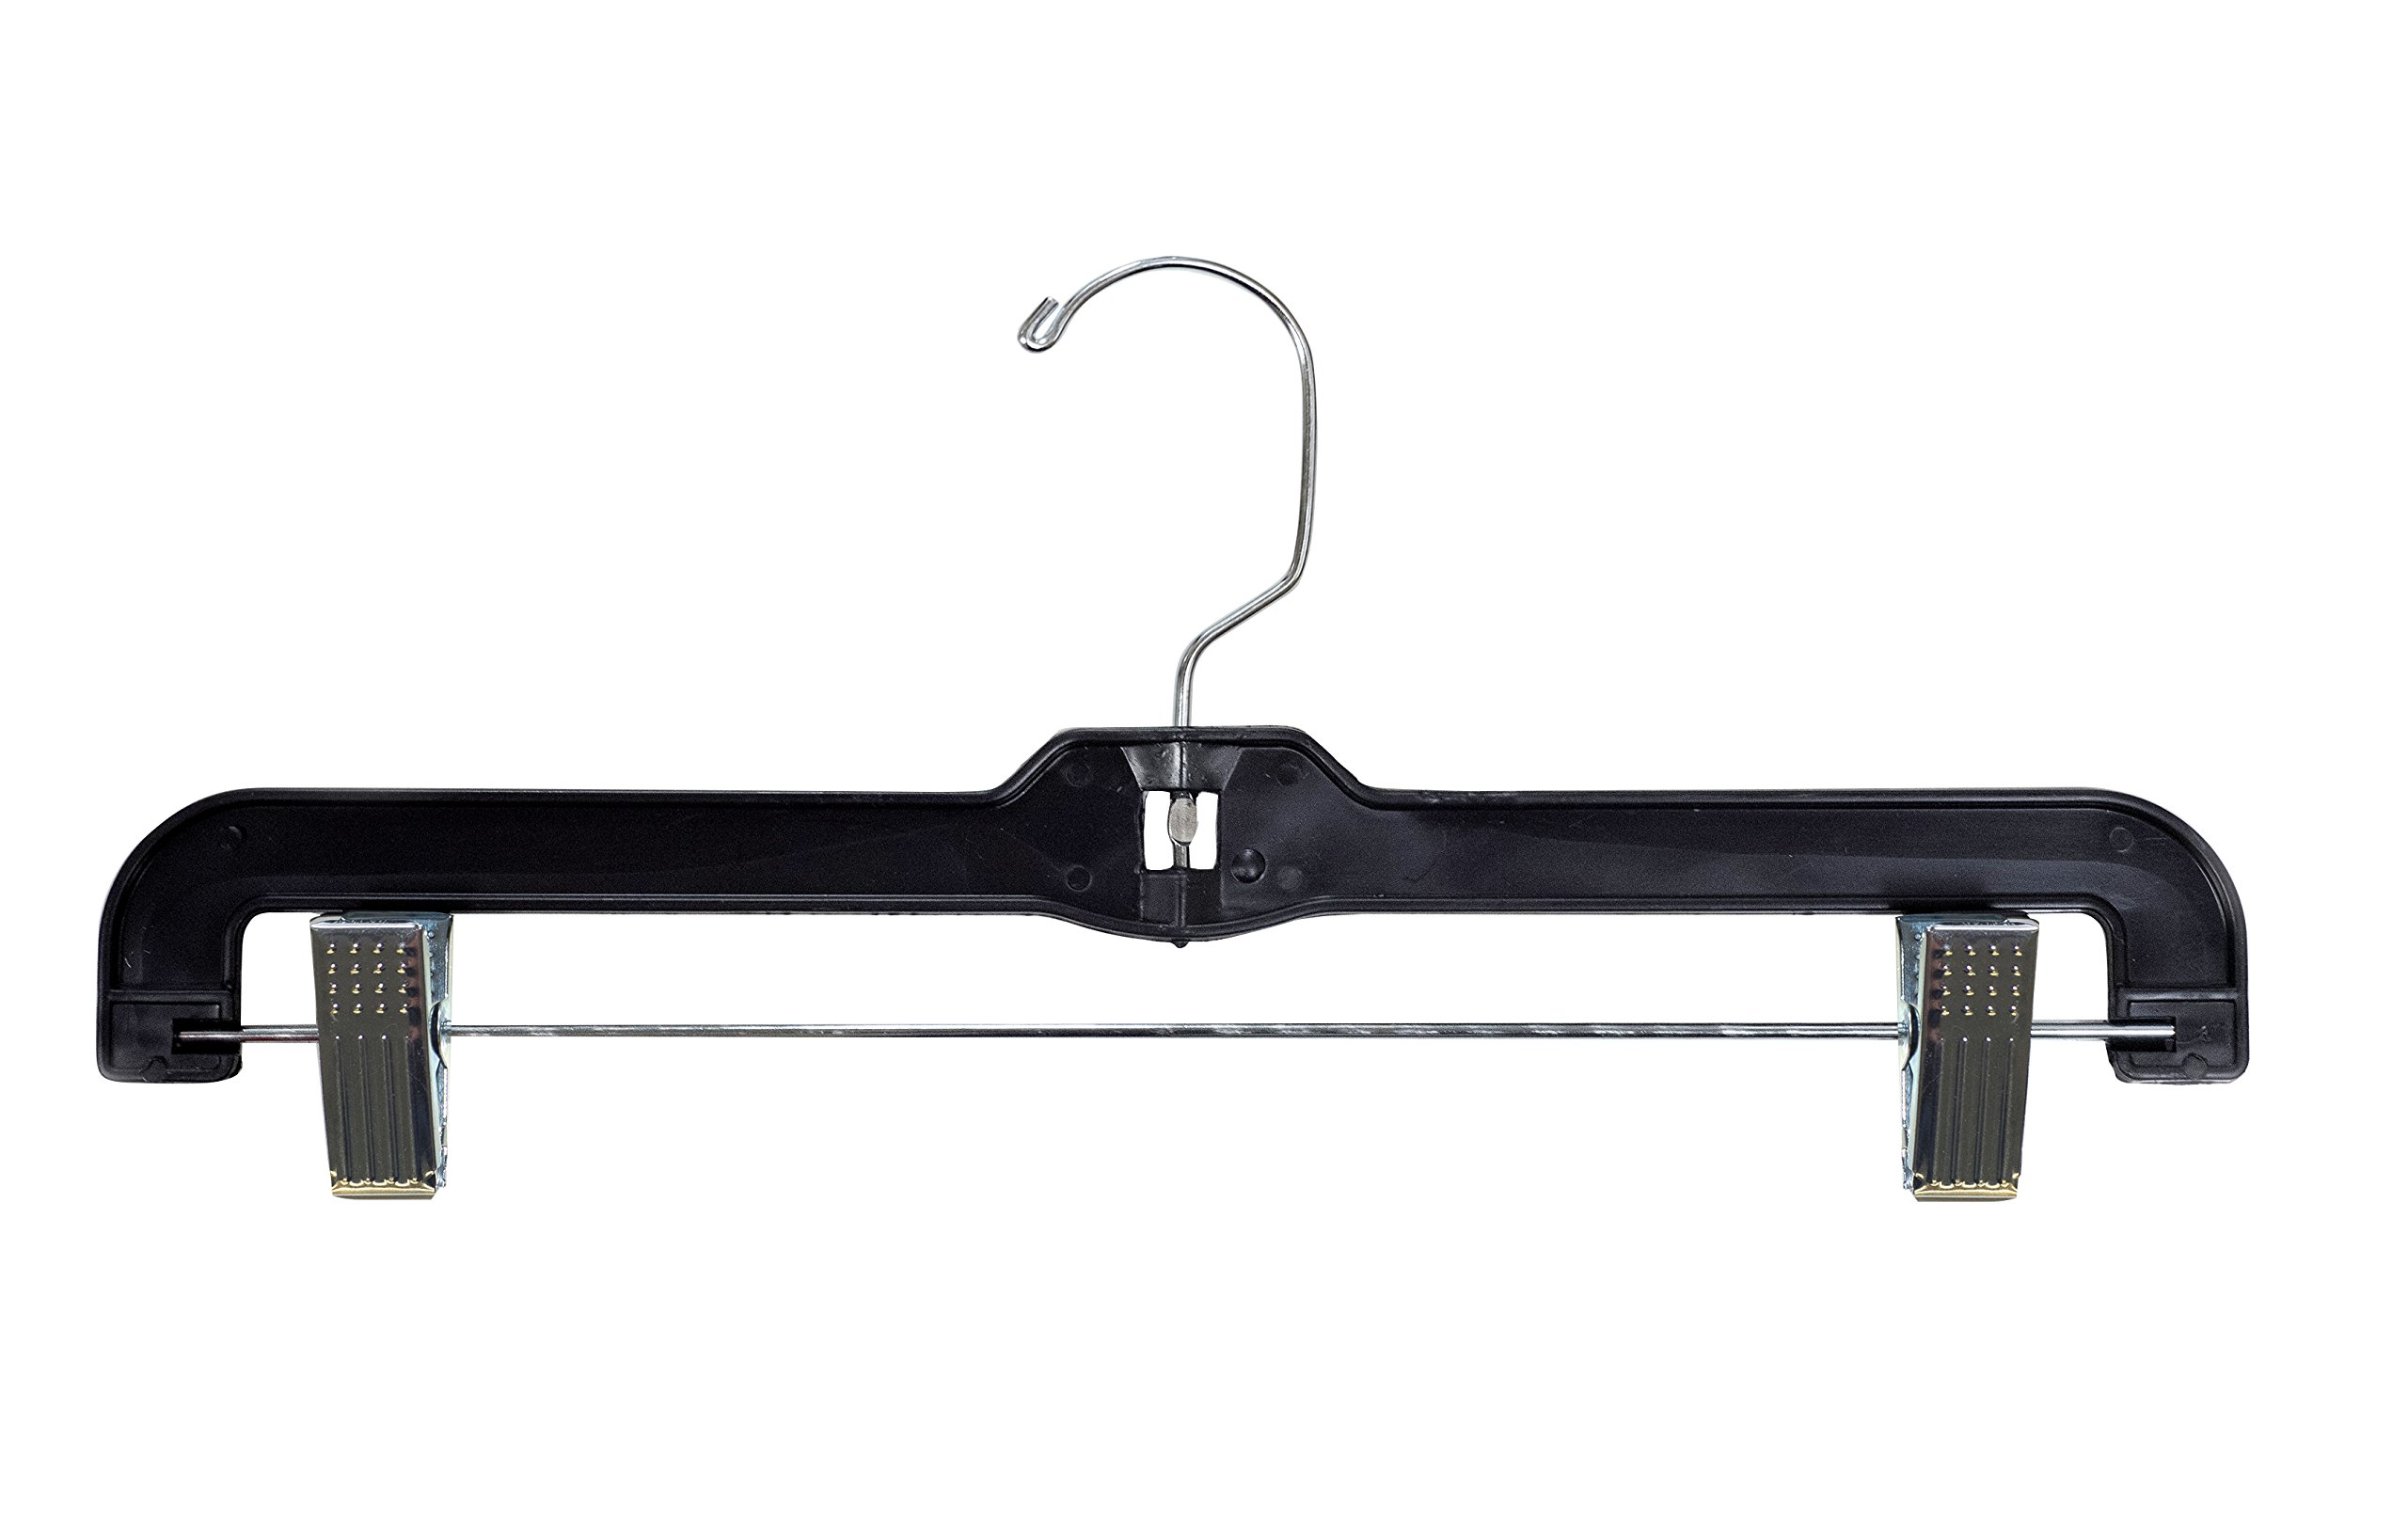 NAHANCO 2600RC Plastic Heavy Weight Skirt/Slack Hanger, Chrome Adjustable Clips, 14'', Black (Pack of 100)